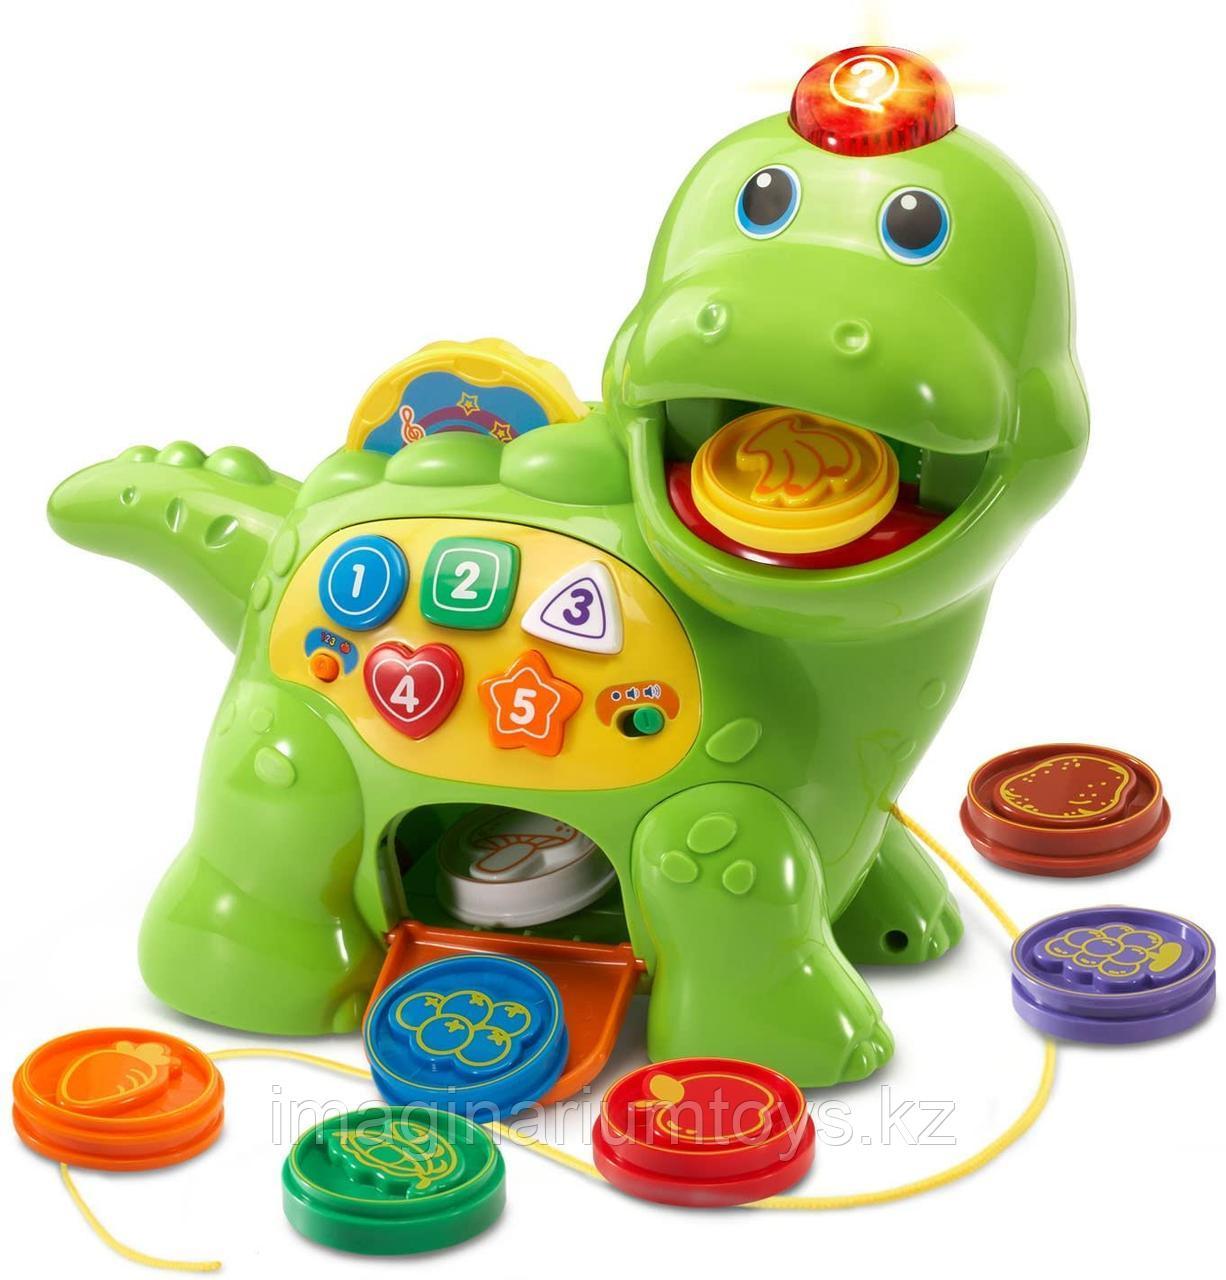 Развивающая игрушка для детей Динозавр «Корми и учись» Vtech